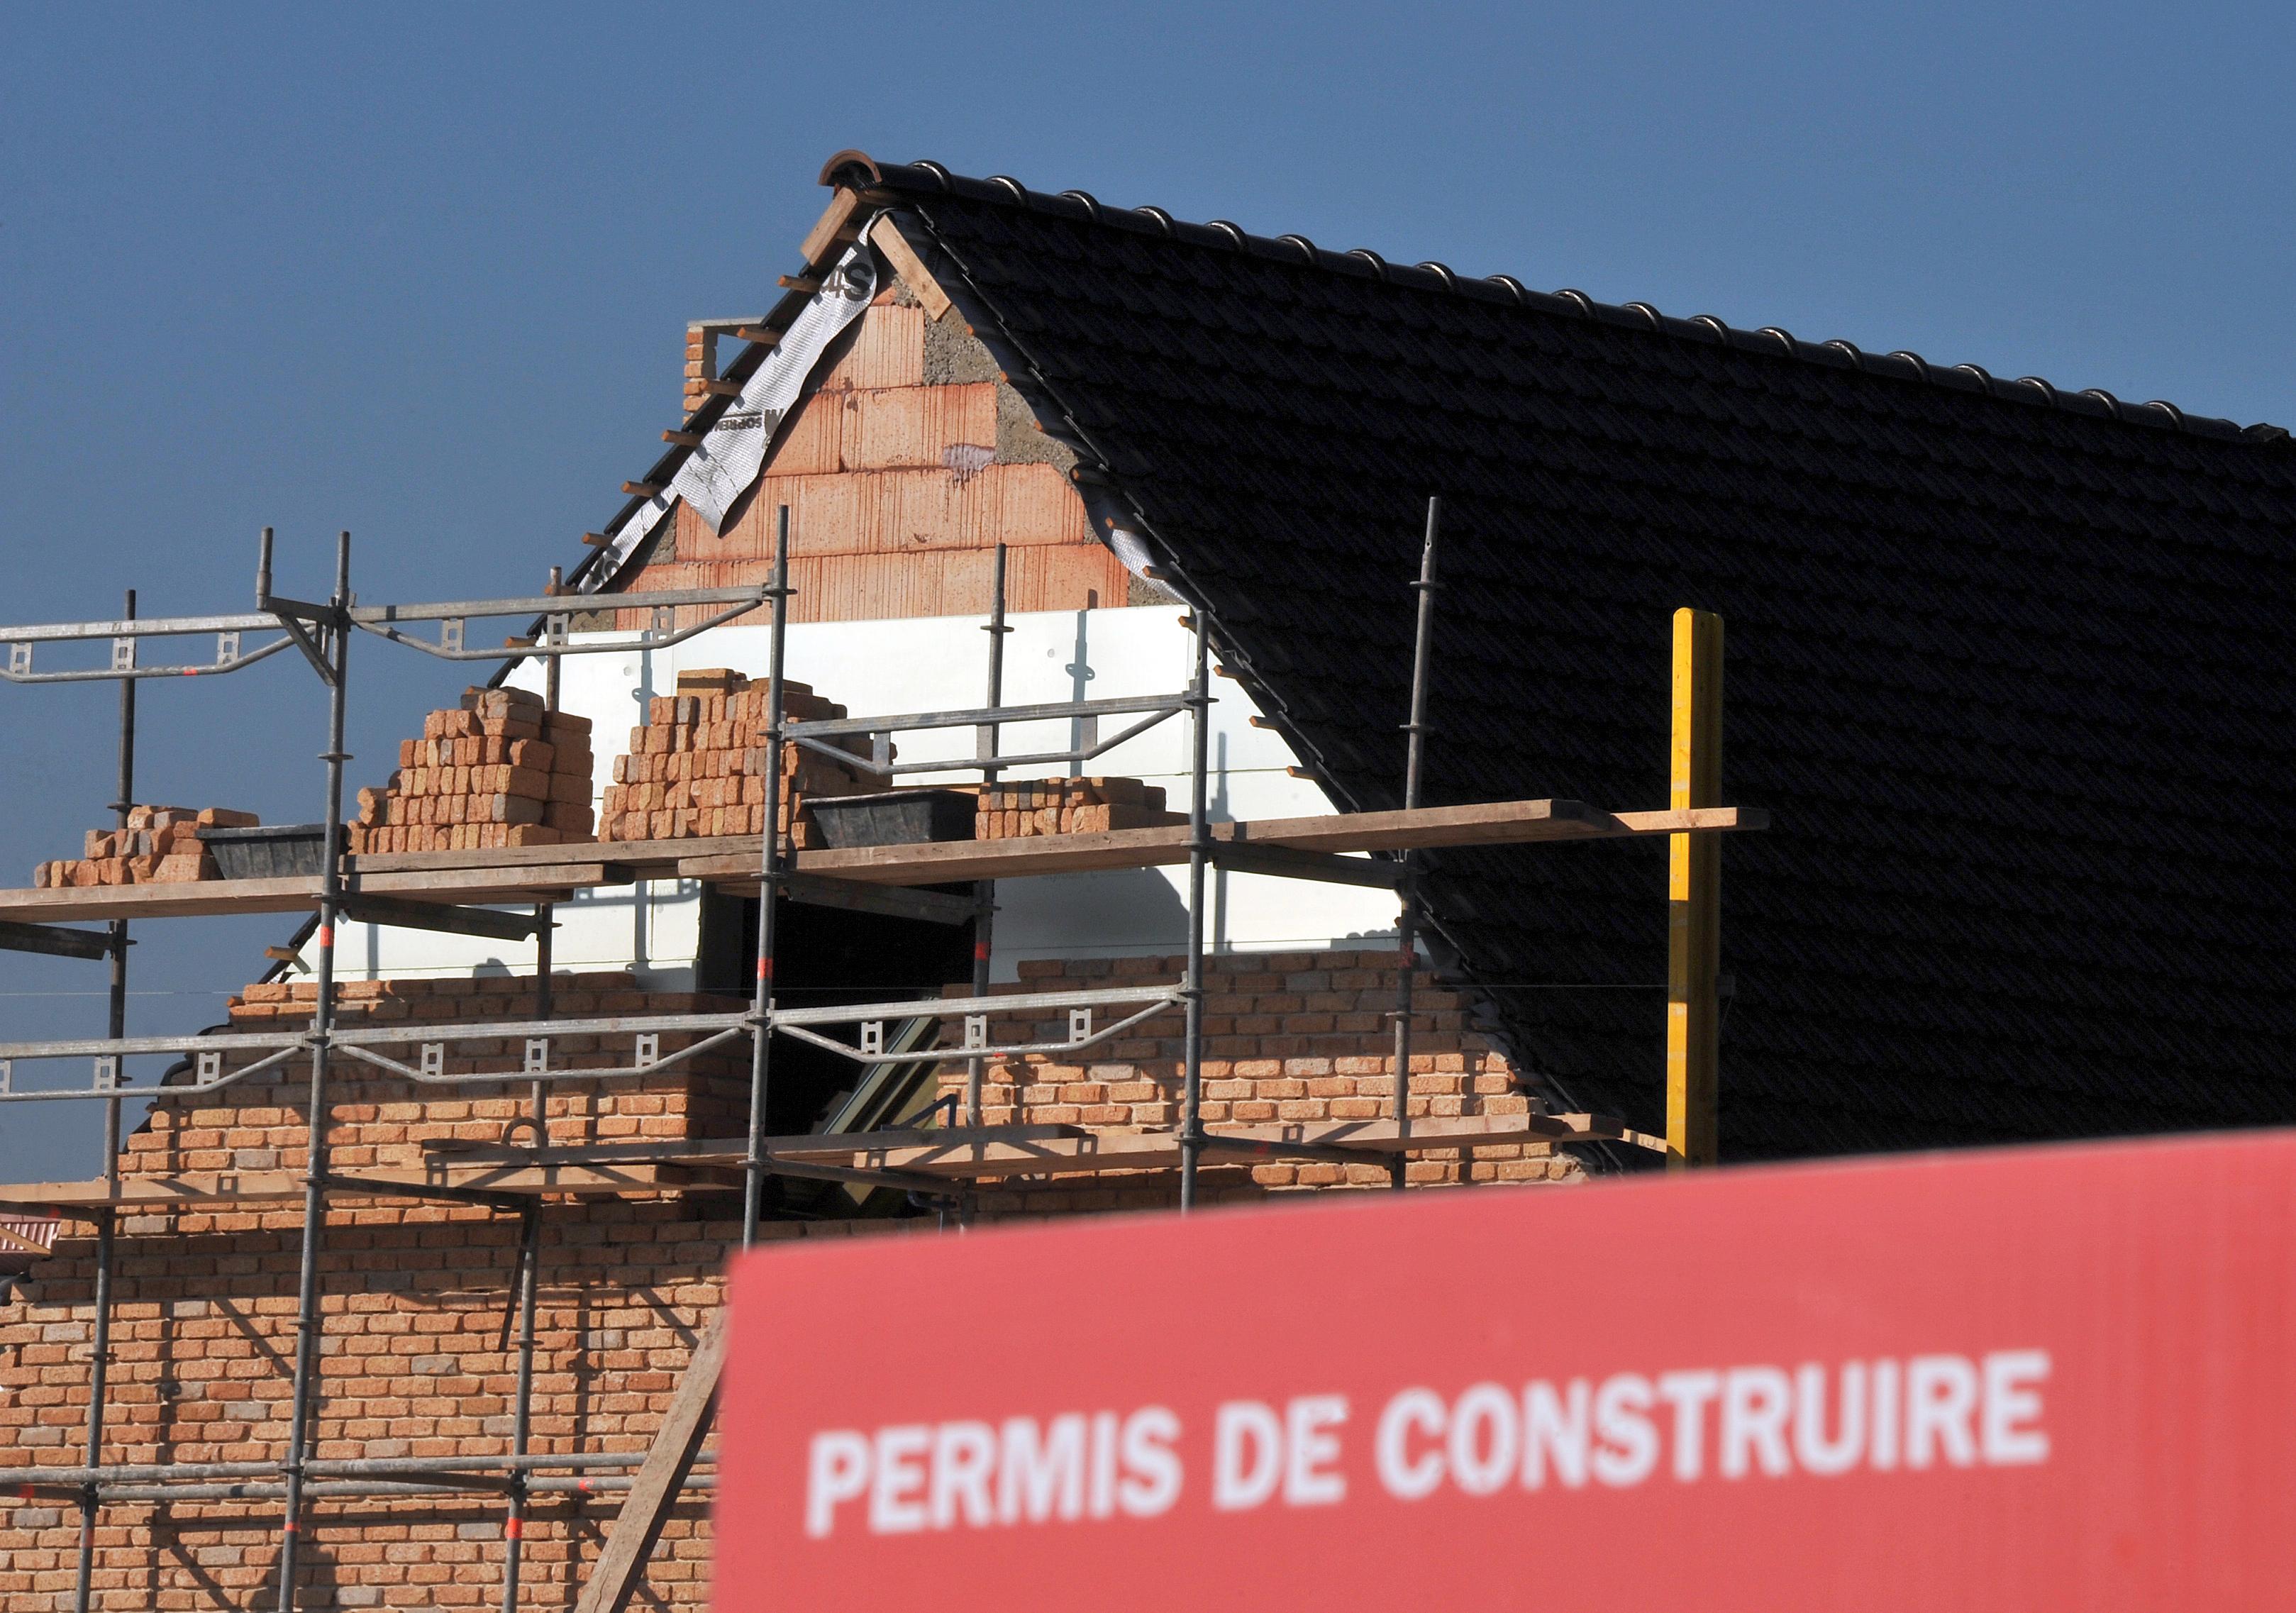 Sa maison fait de l'ombre à sa voisine, la justice lui ordonne de la raser — Meurthe-et-Moselle